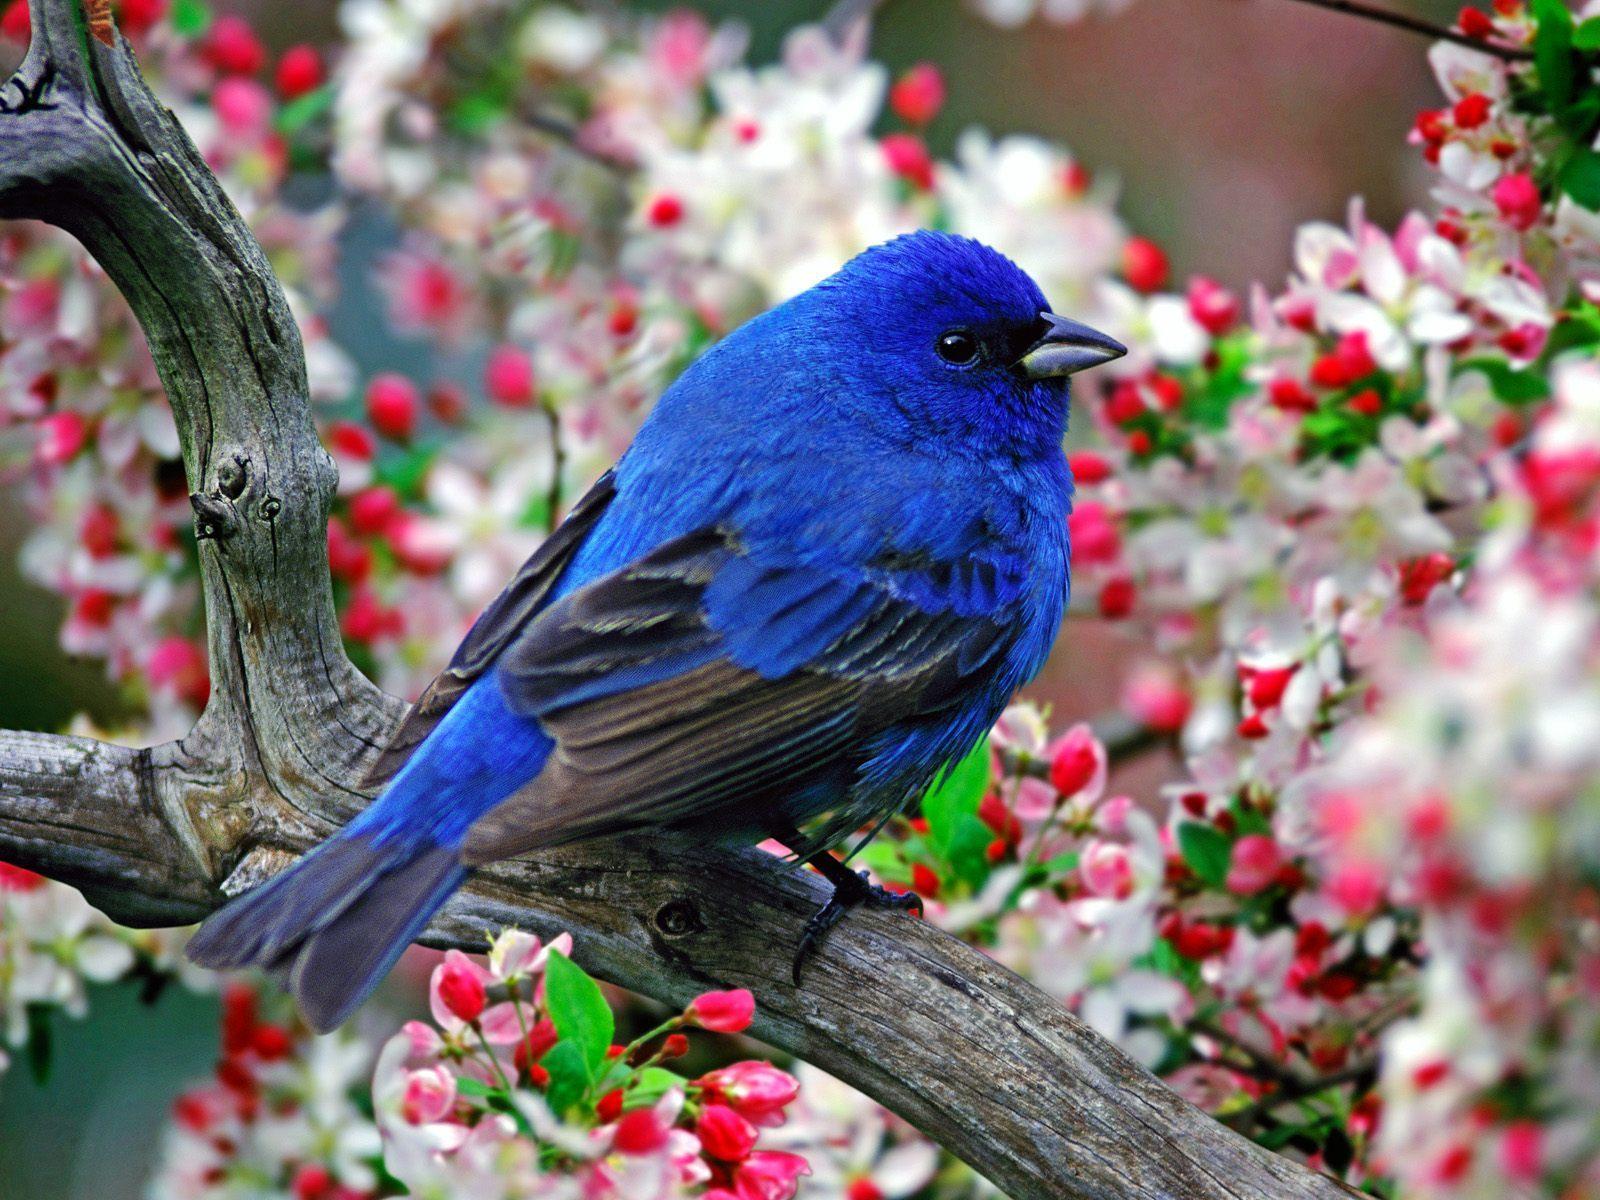 بالصور صور طيور , صور طيور غاية فى الجمال والروعة 131 8